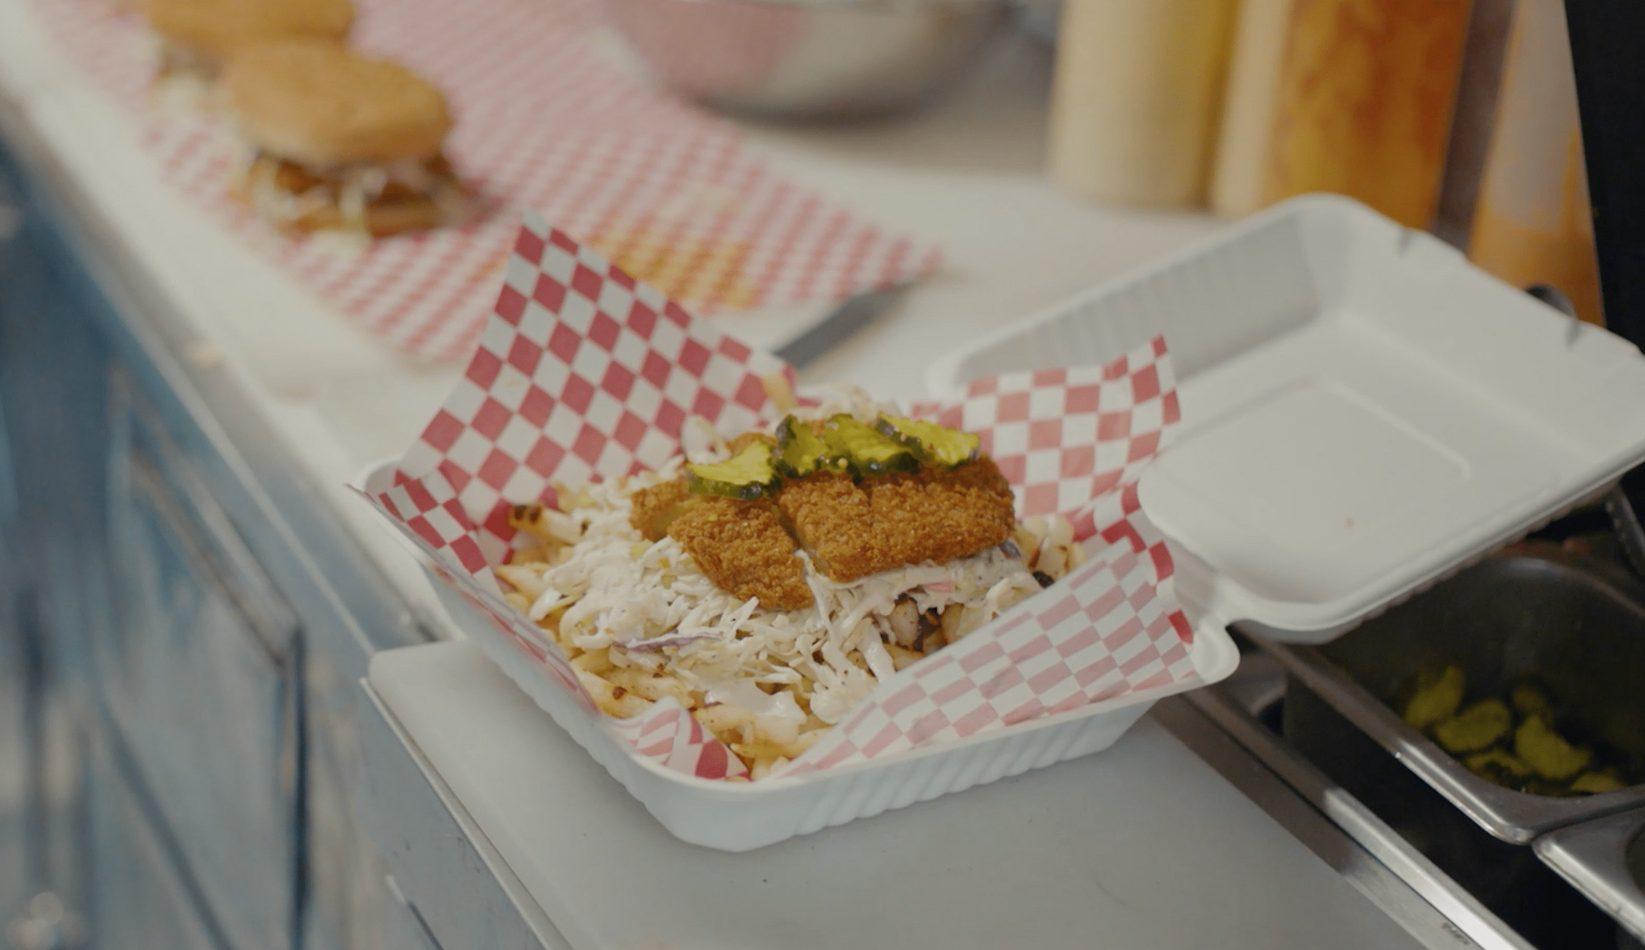 A vegan chicken sandwich from Woflie's Nashville Hot Chicken.